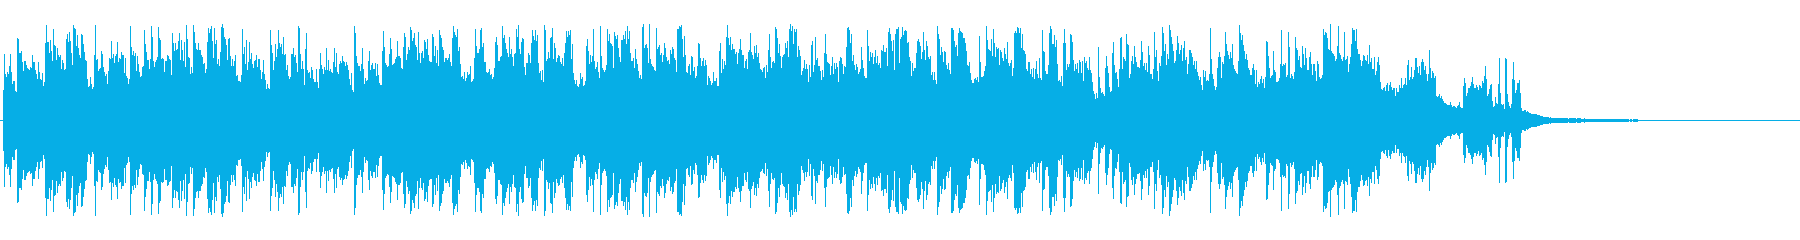 おしゃれなピアノのロック曲の再生済みの波形